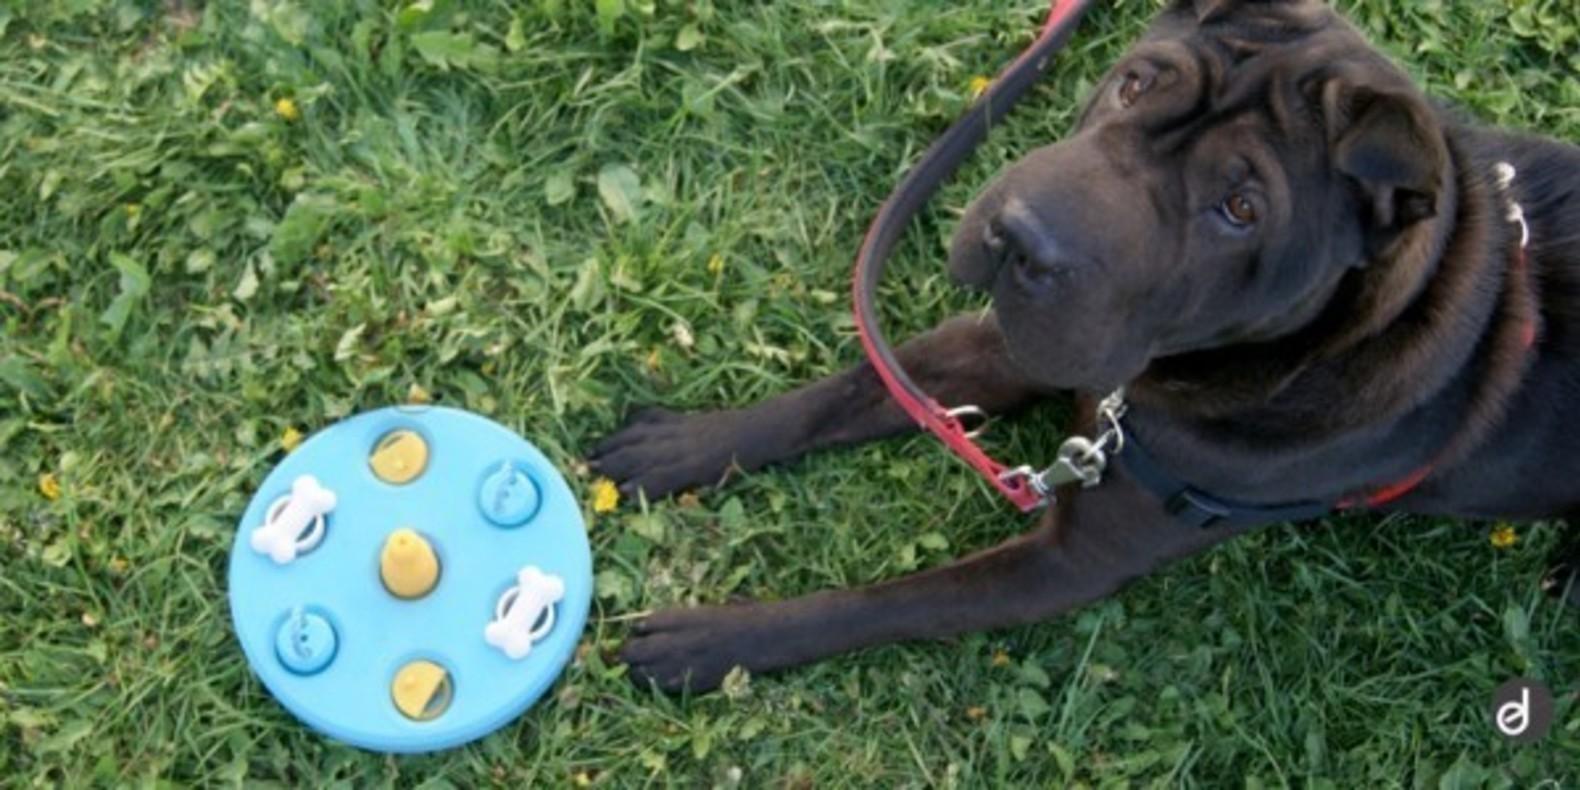 Slider-Beatriz-Dogs-Game-Cults jouet pour chiens imprimé en 3D